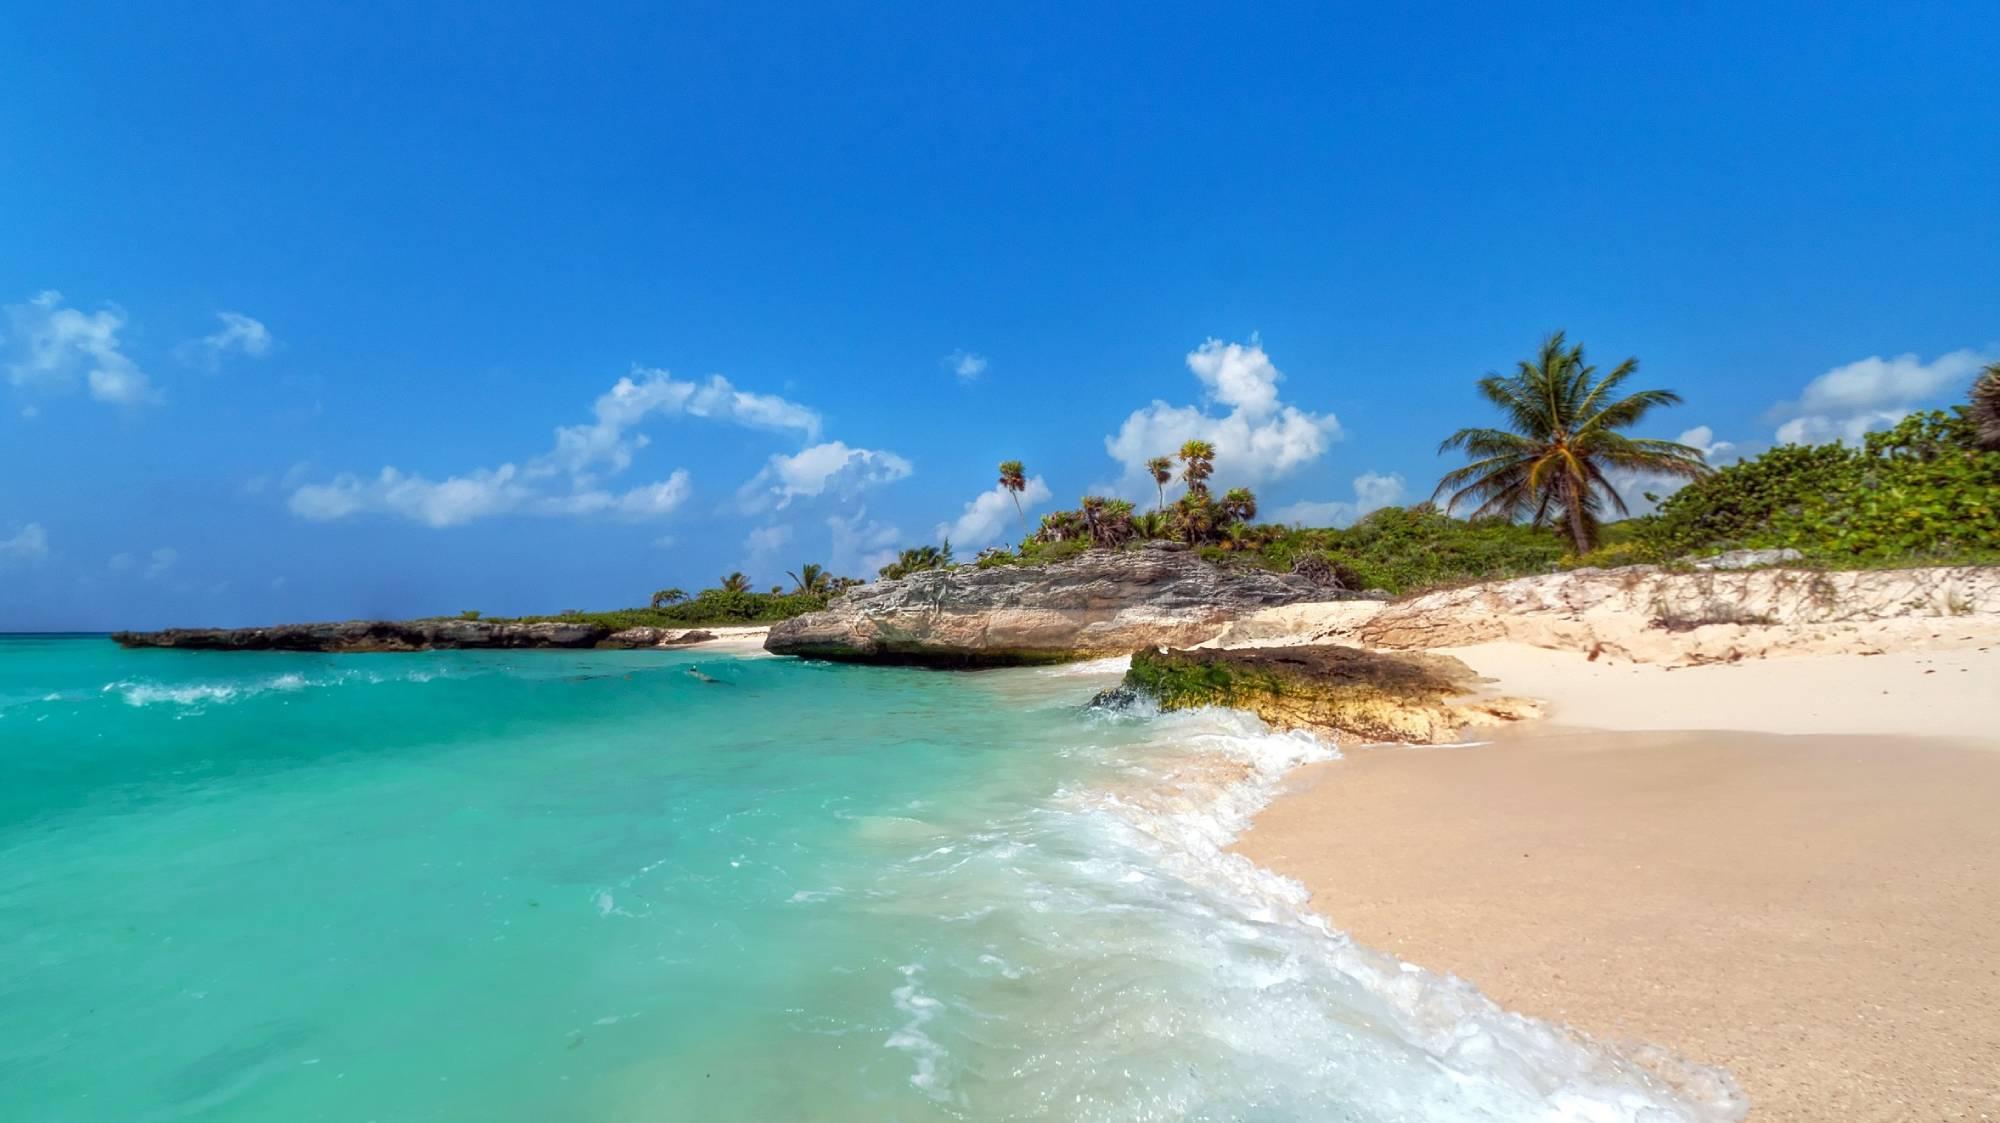 Playa del Carmen - Travel Blog